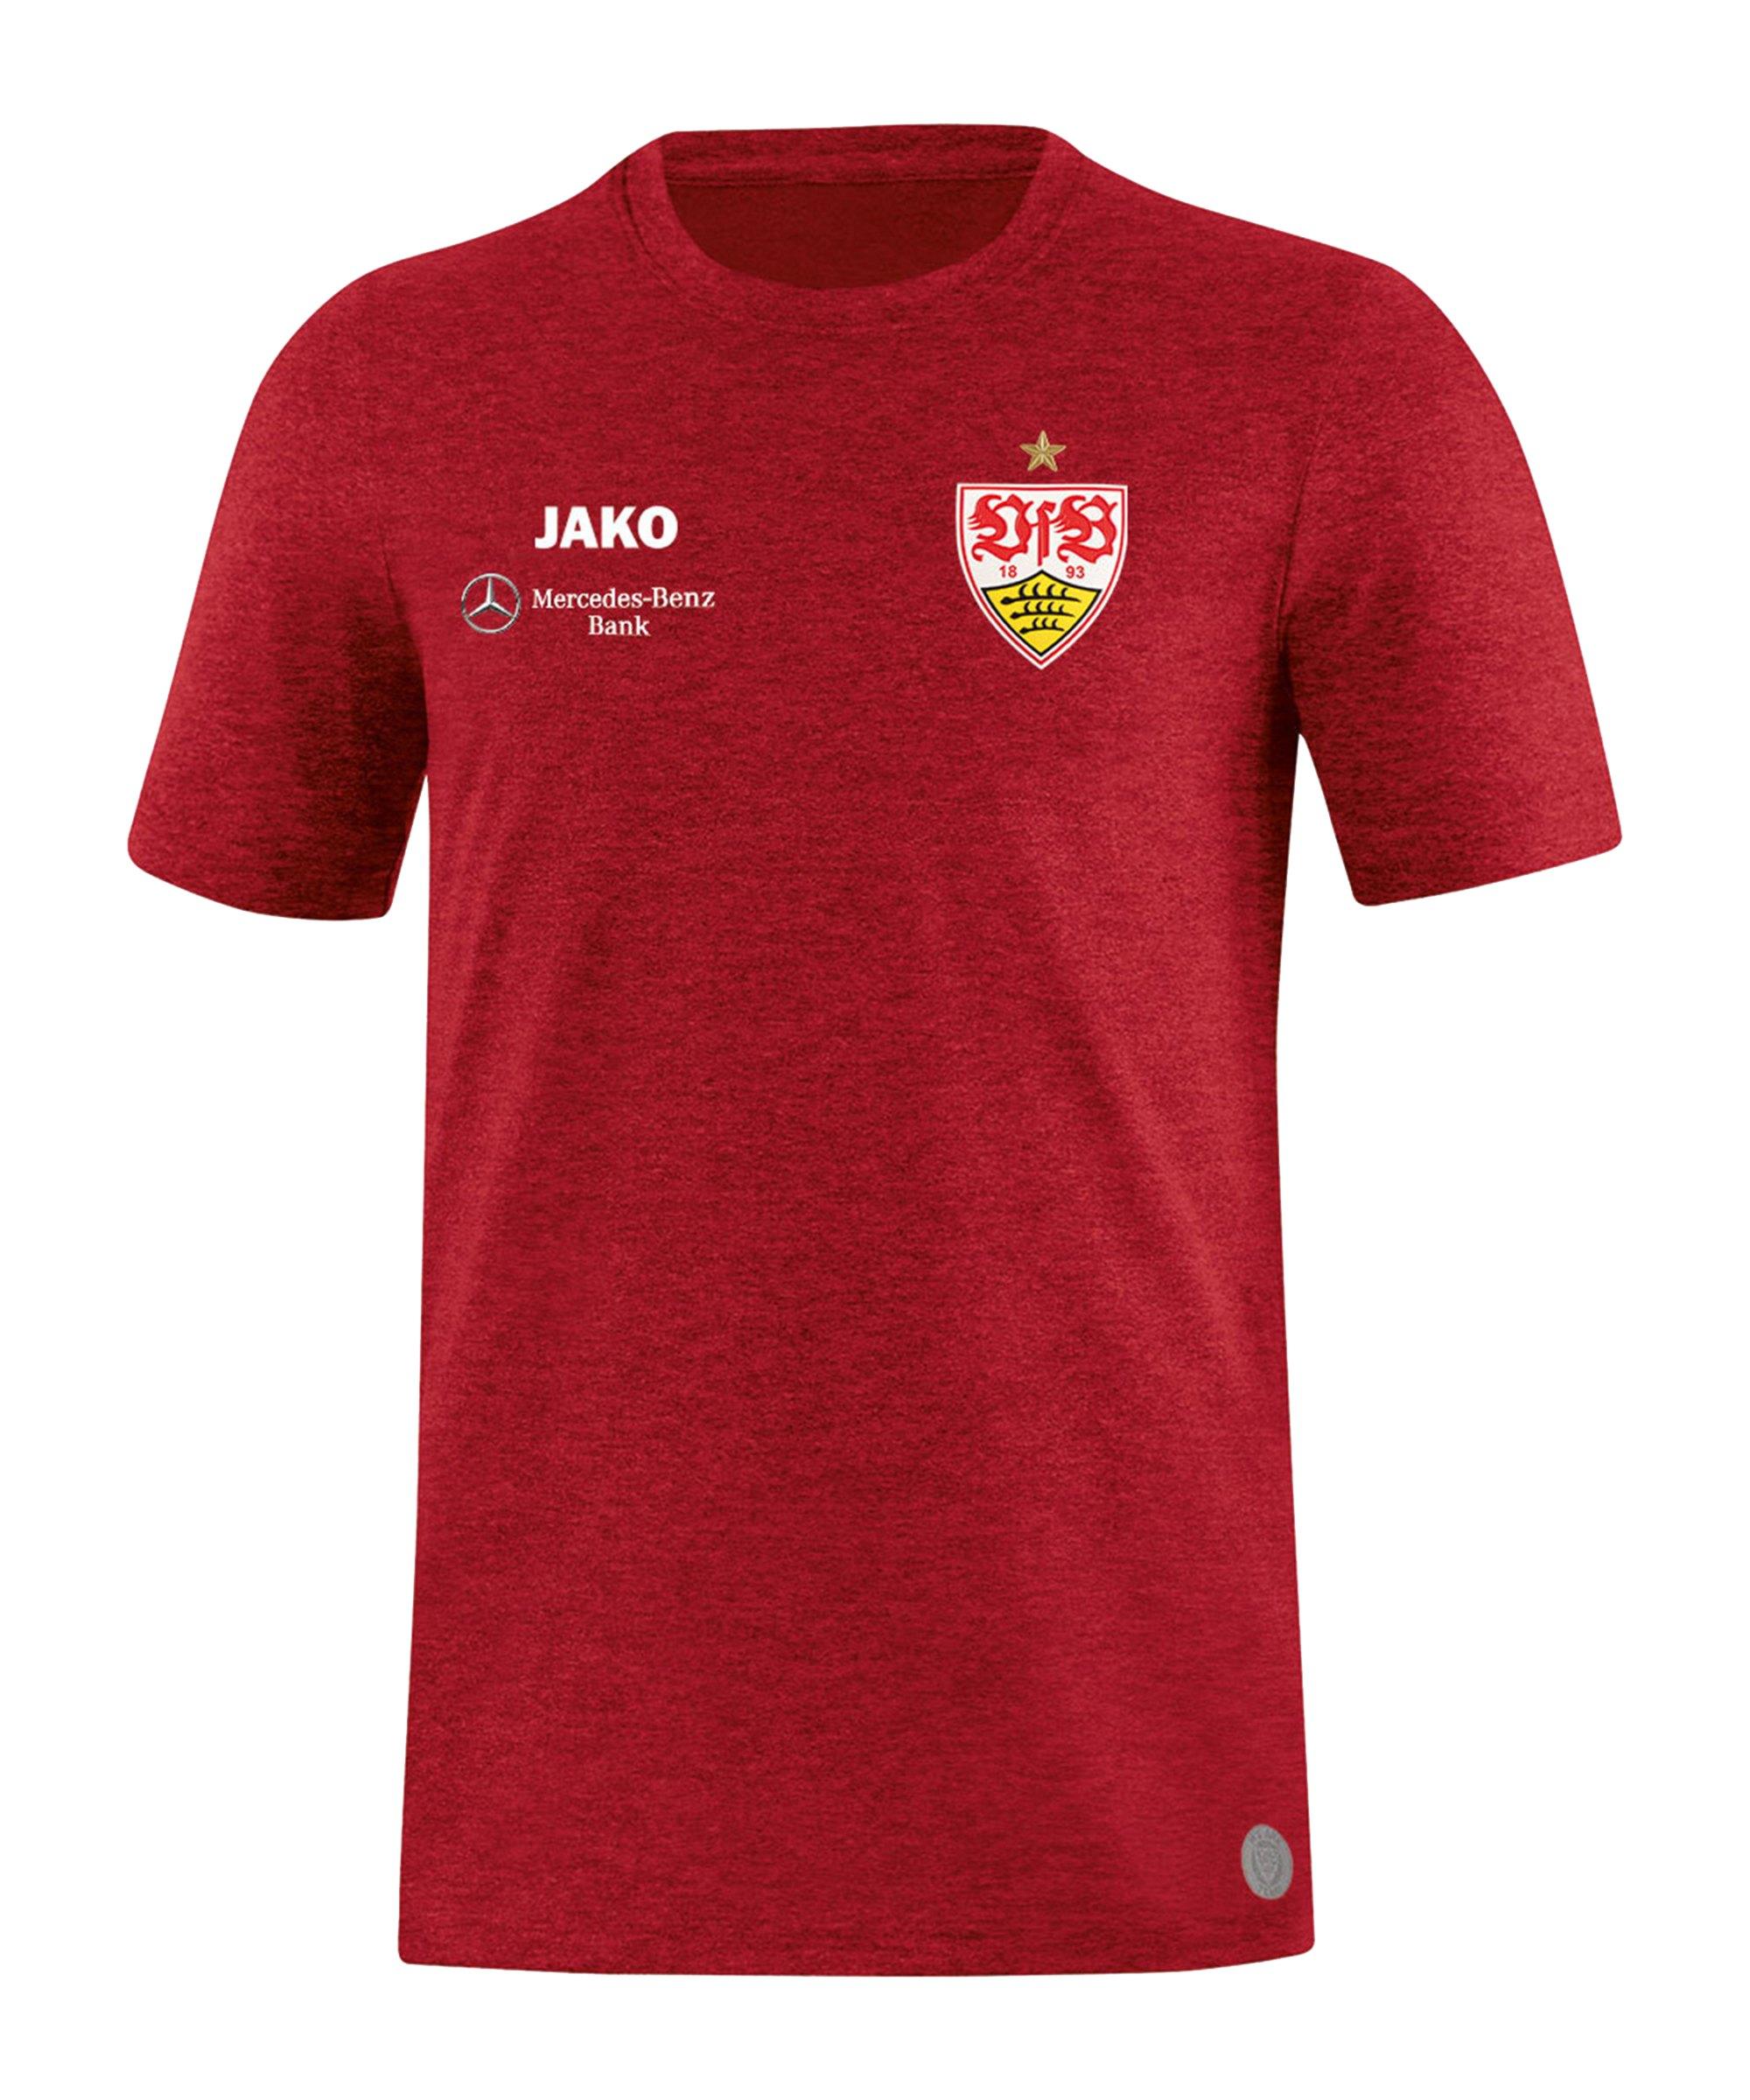 JAKO VfB Stuttgart Premium T-Shirt Kids Rot F01 - rot